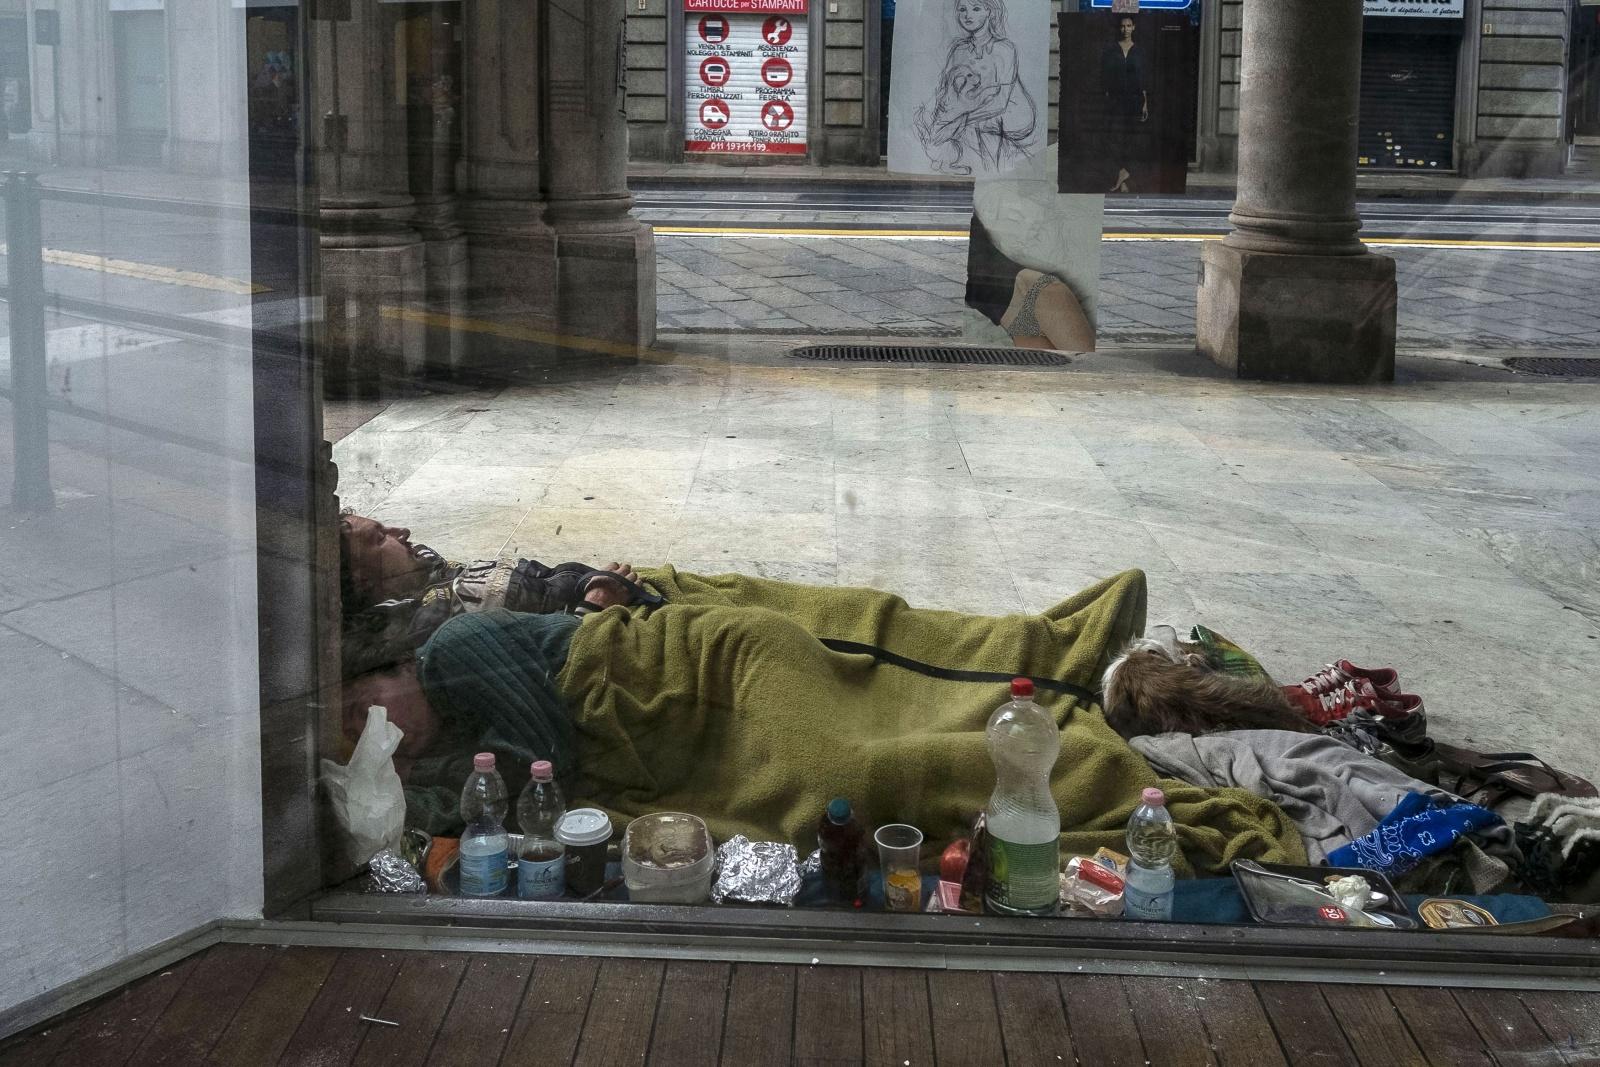 Senzatetto dormono nel freddo dell'inverno sotto i portici nel salotto torinese